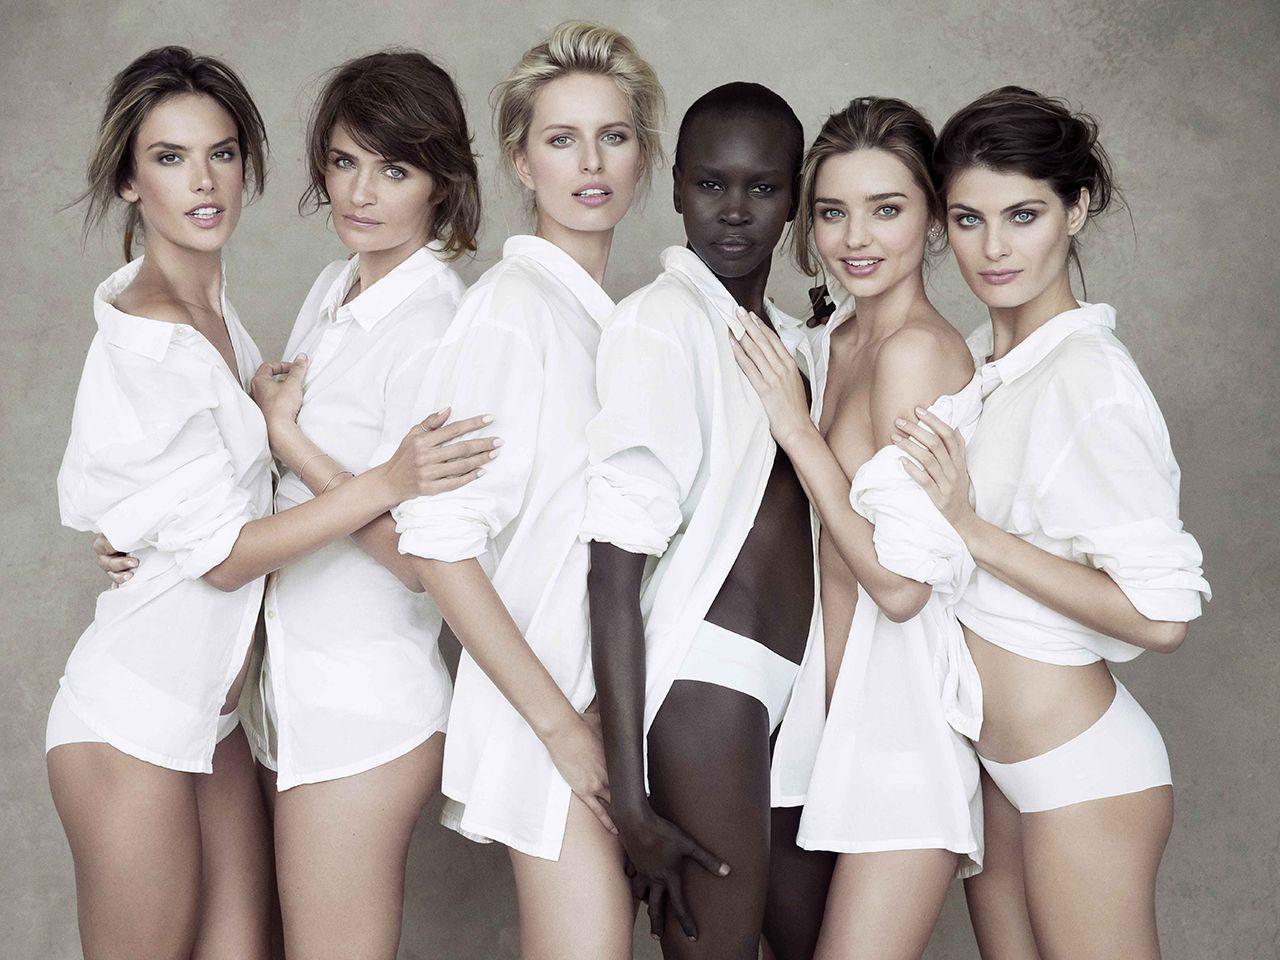 Image - The-libertine-magazine-50th-anniv-the-supermodel